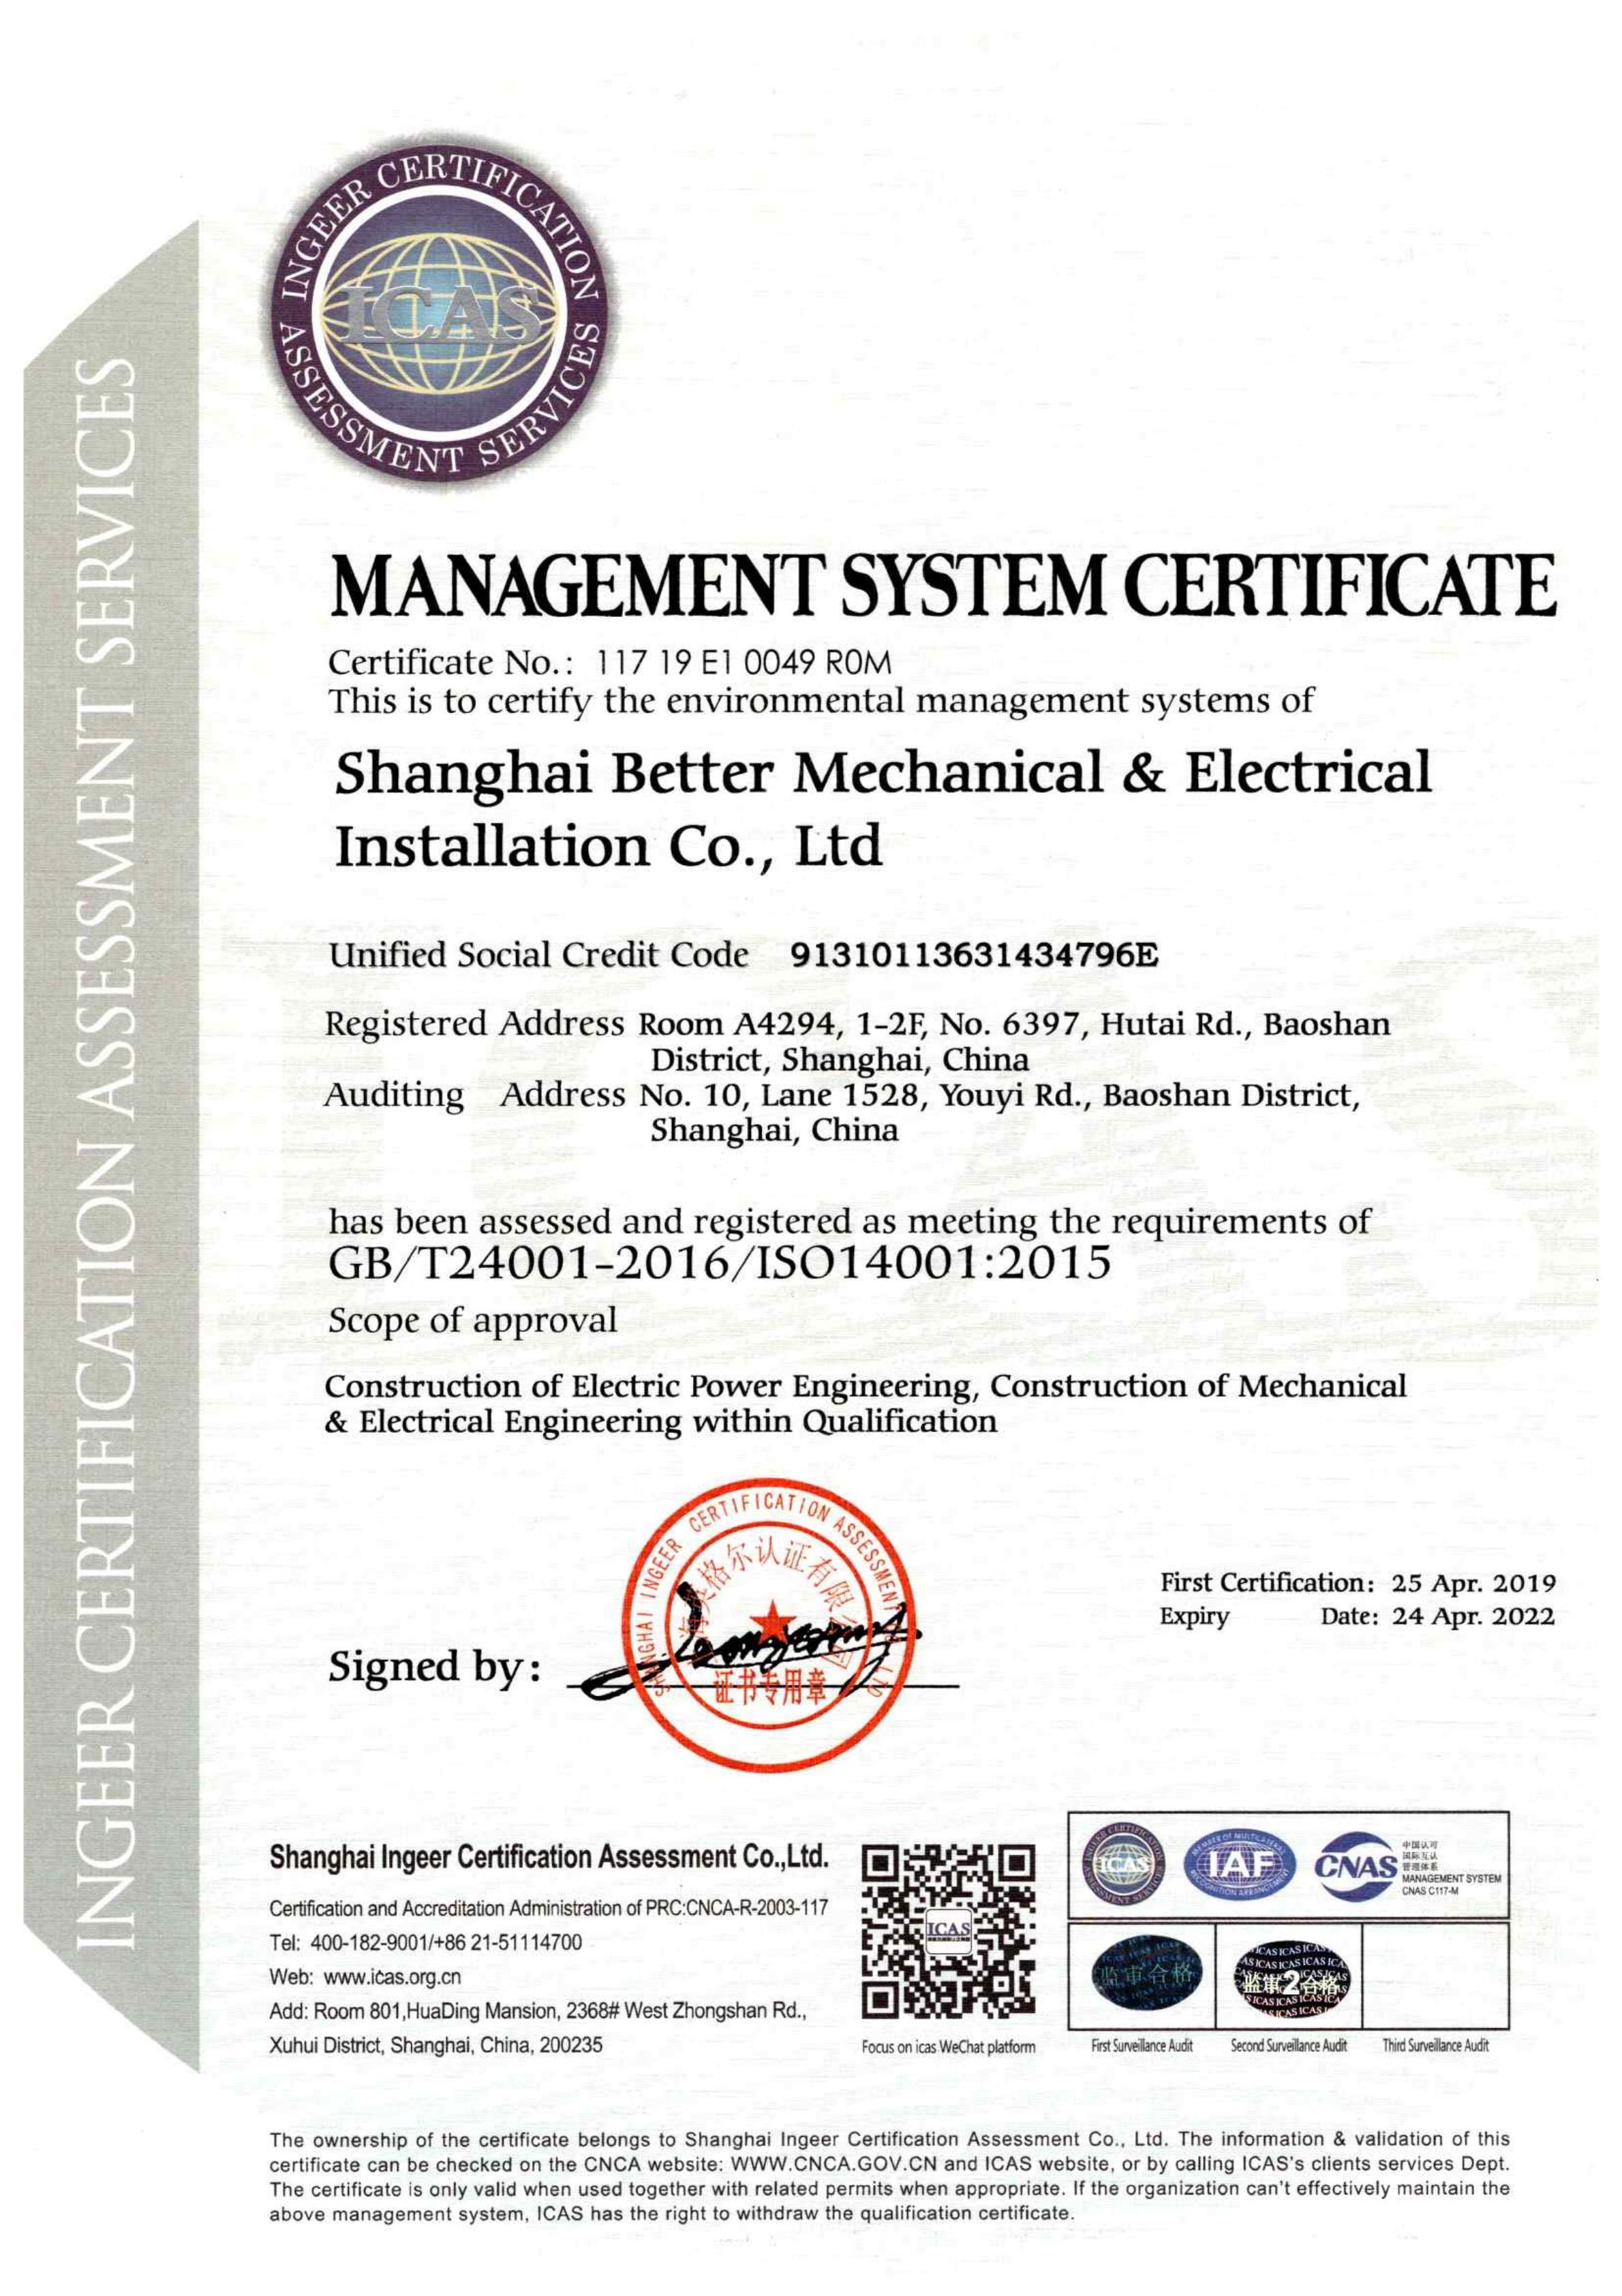 管理体系证书-环境管理要求-2